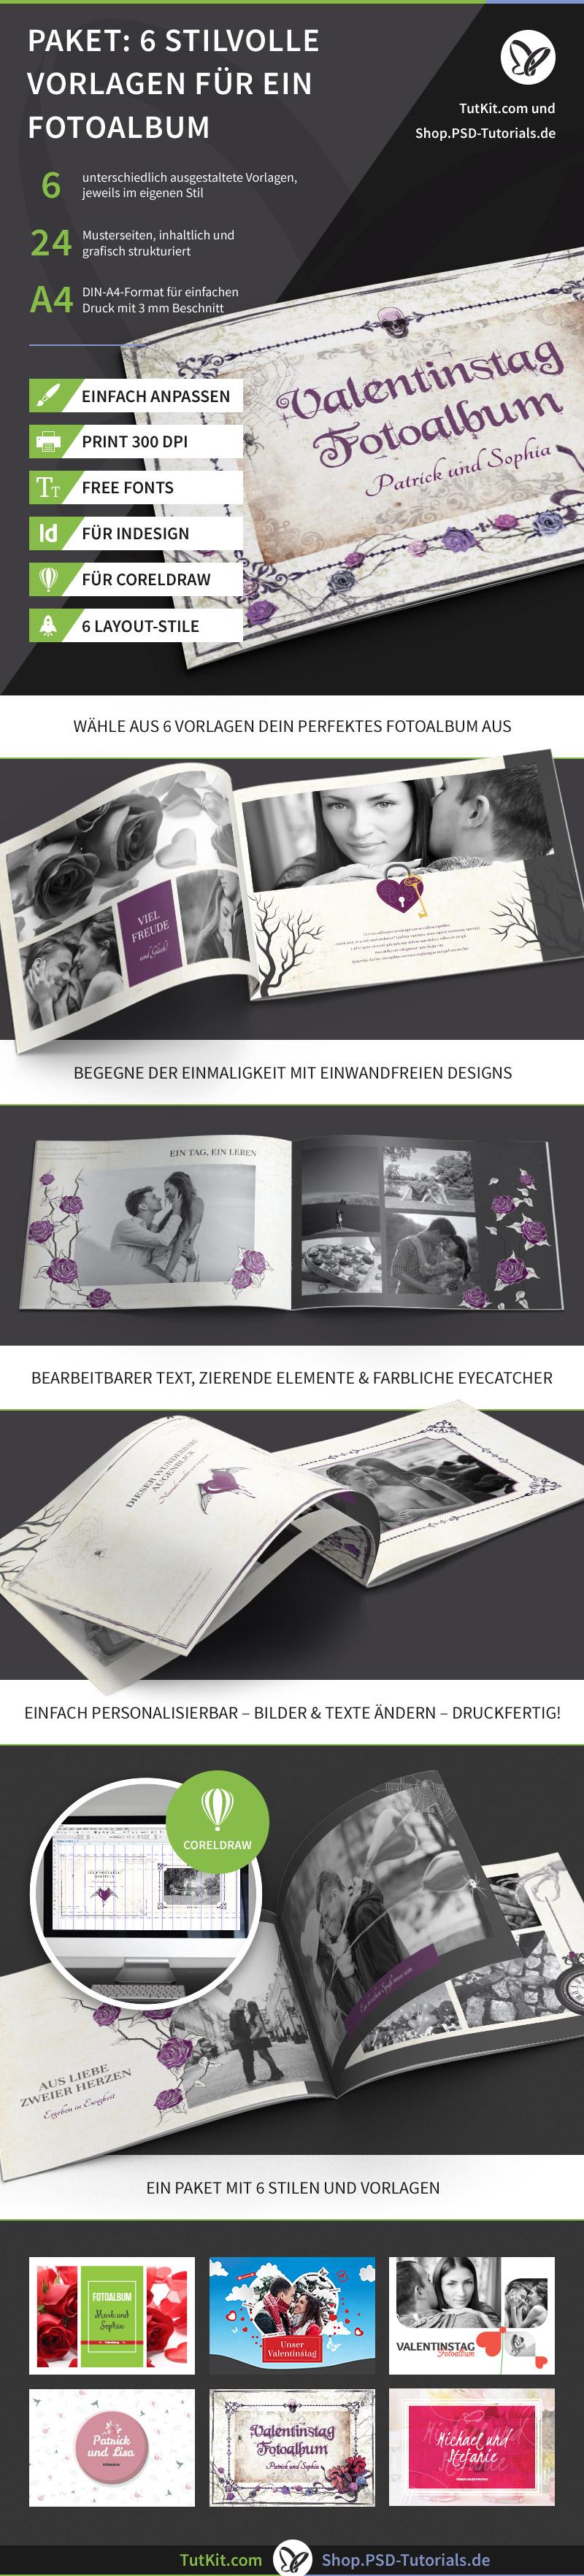 Darstellung von Beispielseiten eines Hochzeitsfotoalbums